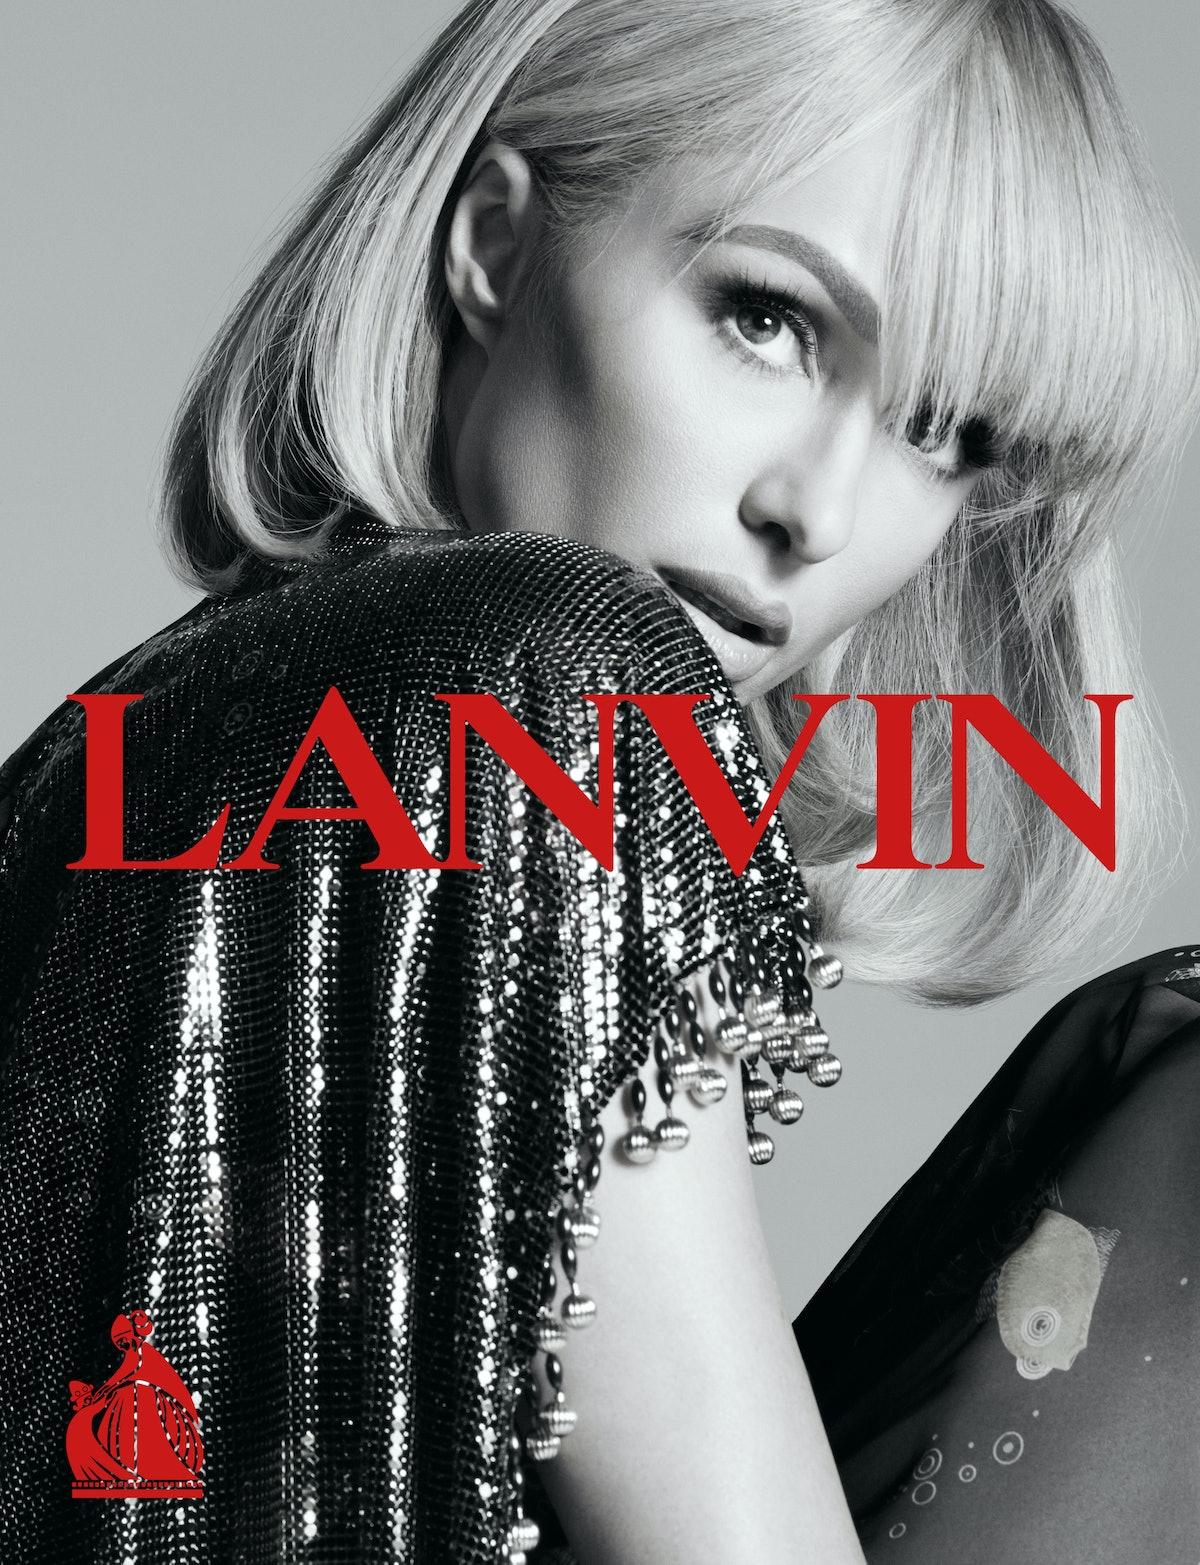 Paris Hilton in a Lanvin campaign